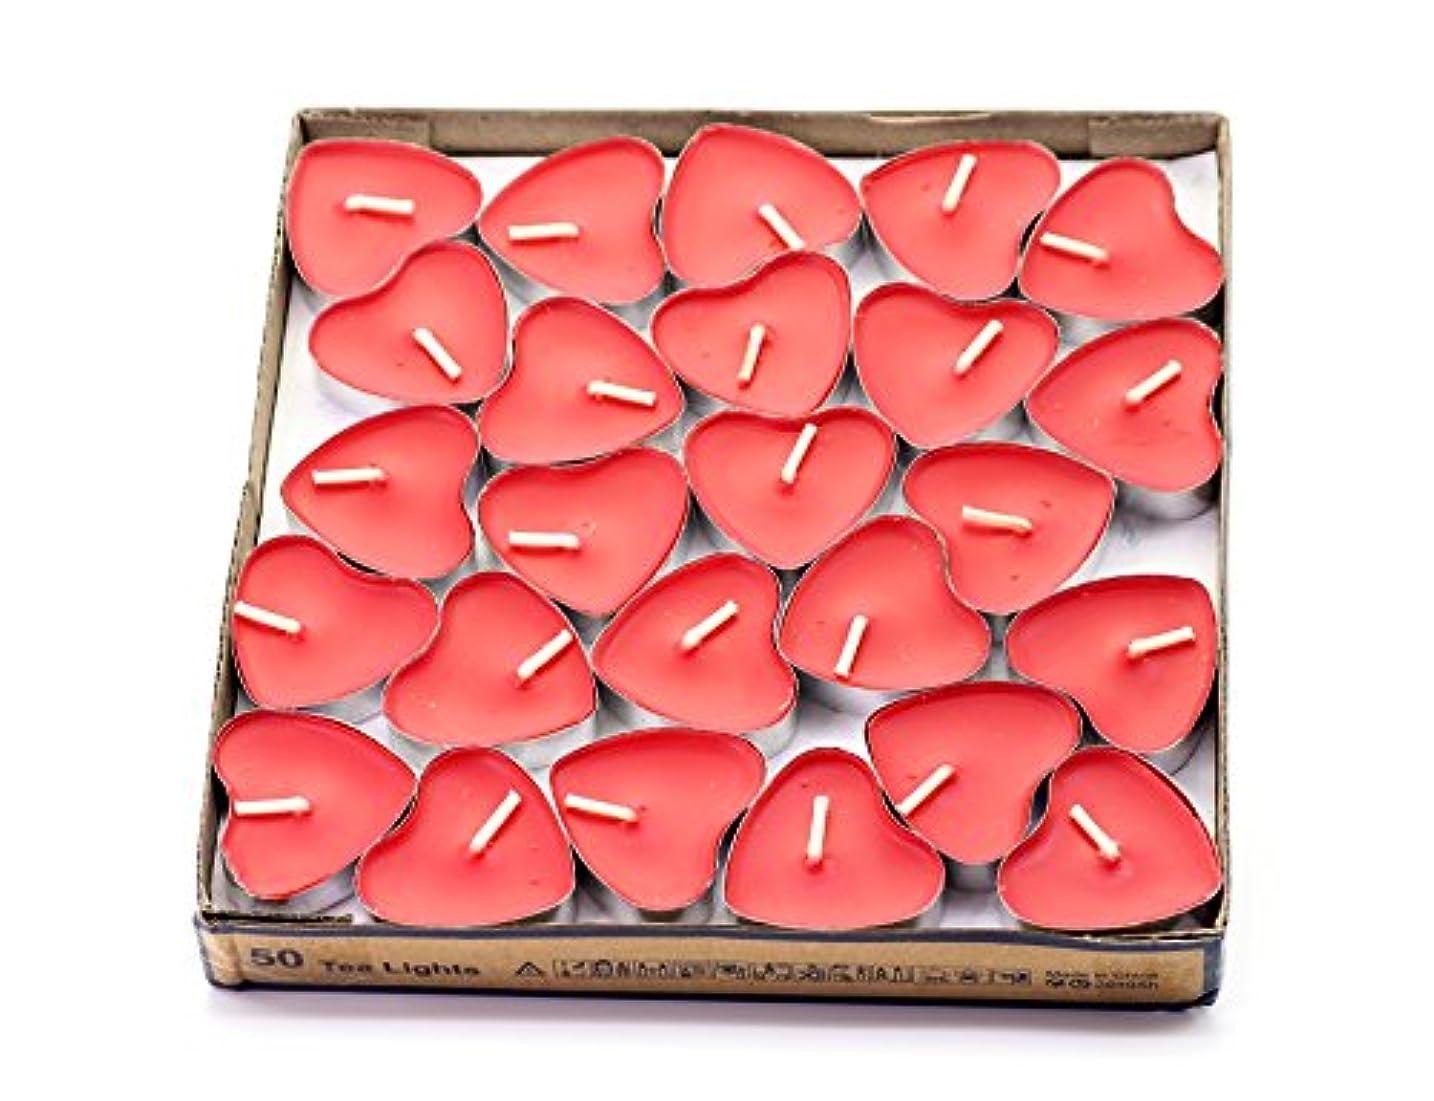 発行するまだら謝罪する(Red(strawberry)) - Creationtop Scented Candles Tea Lights Mini Hearts Home Decor Aroma Candles Set of 50 pcs...